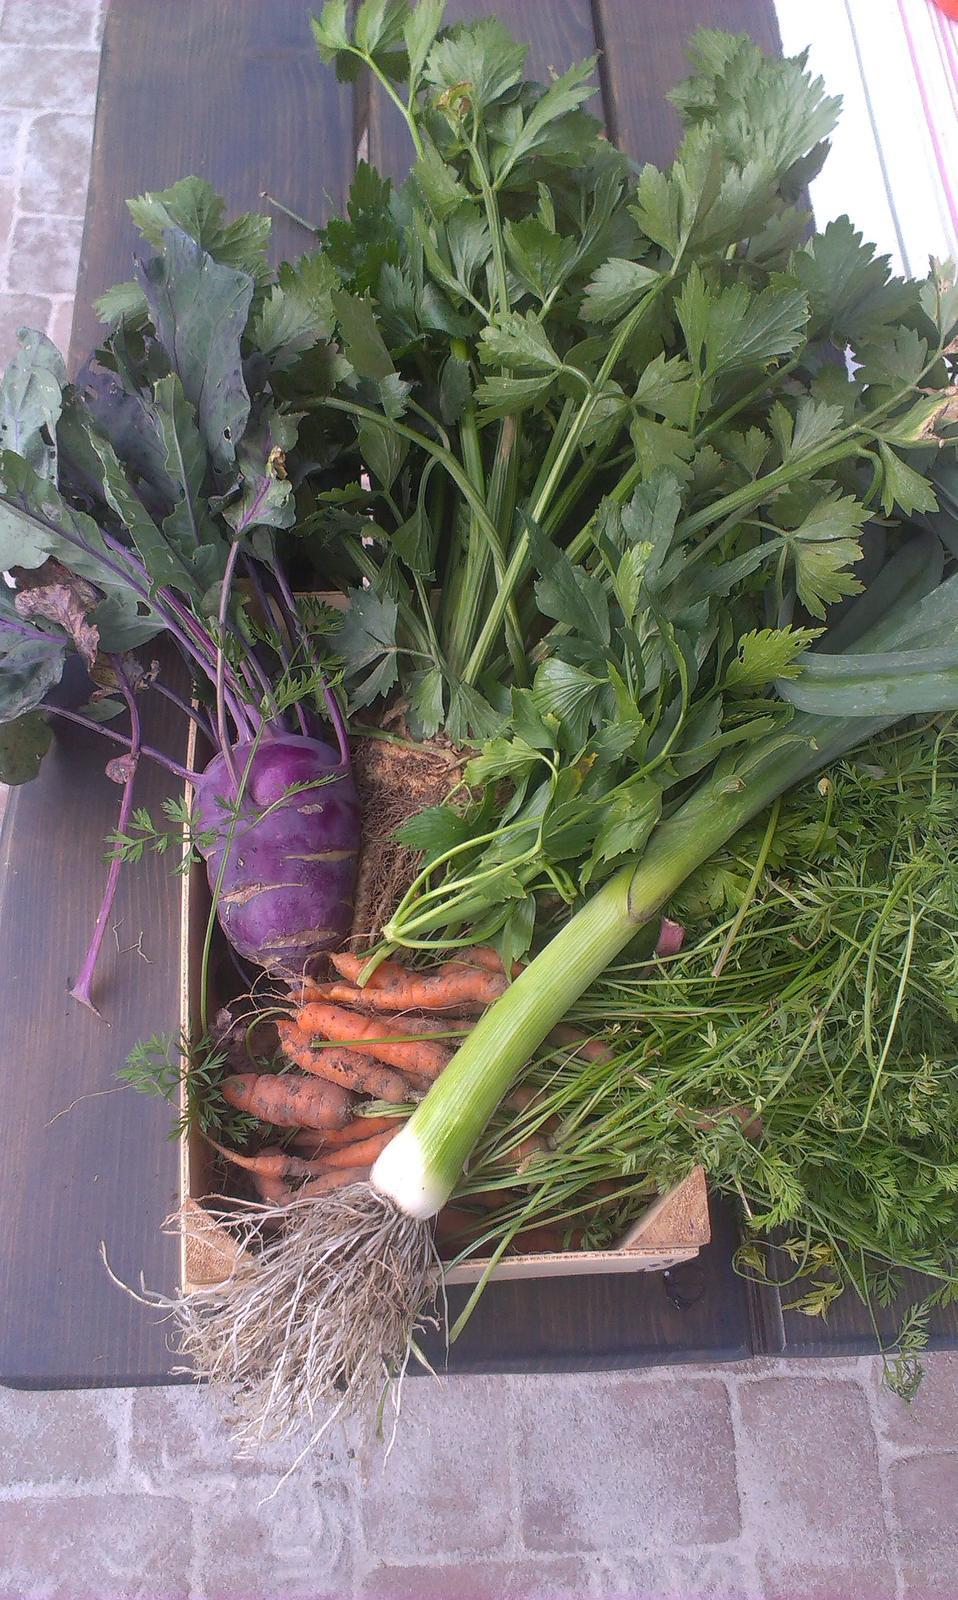 Záhrada - vlastná úroda. Súmarum 1. ročník pestovania: jahody, maliny, šalát, kedluby, mrkva, hrach, pórek, zeler, paradajky, redkvička, petržel, feferónky .... a nerátam bylinky :-)